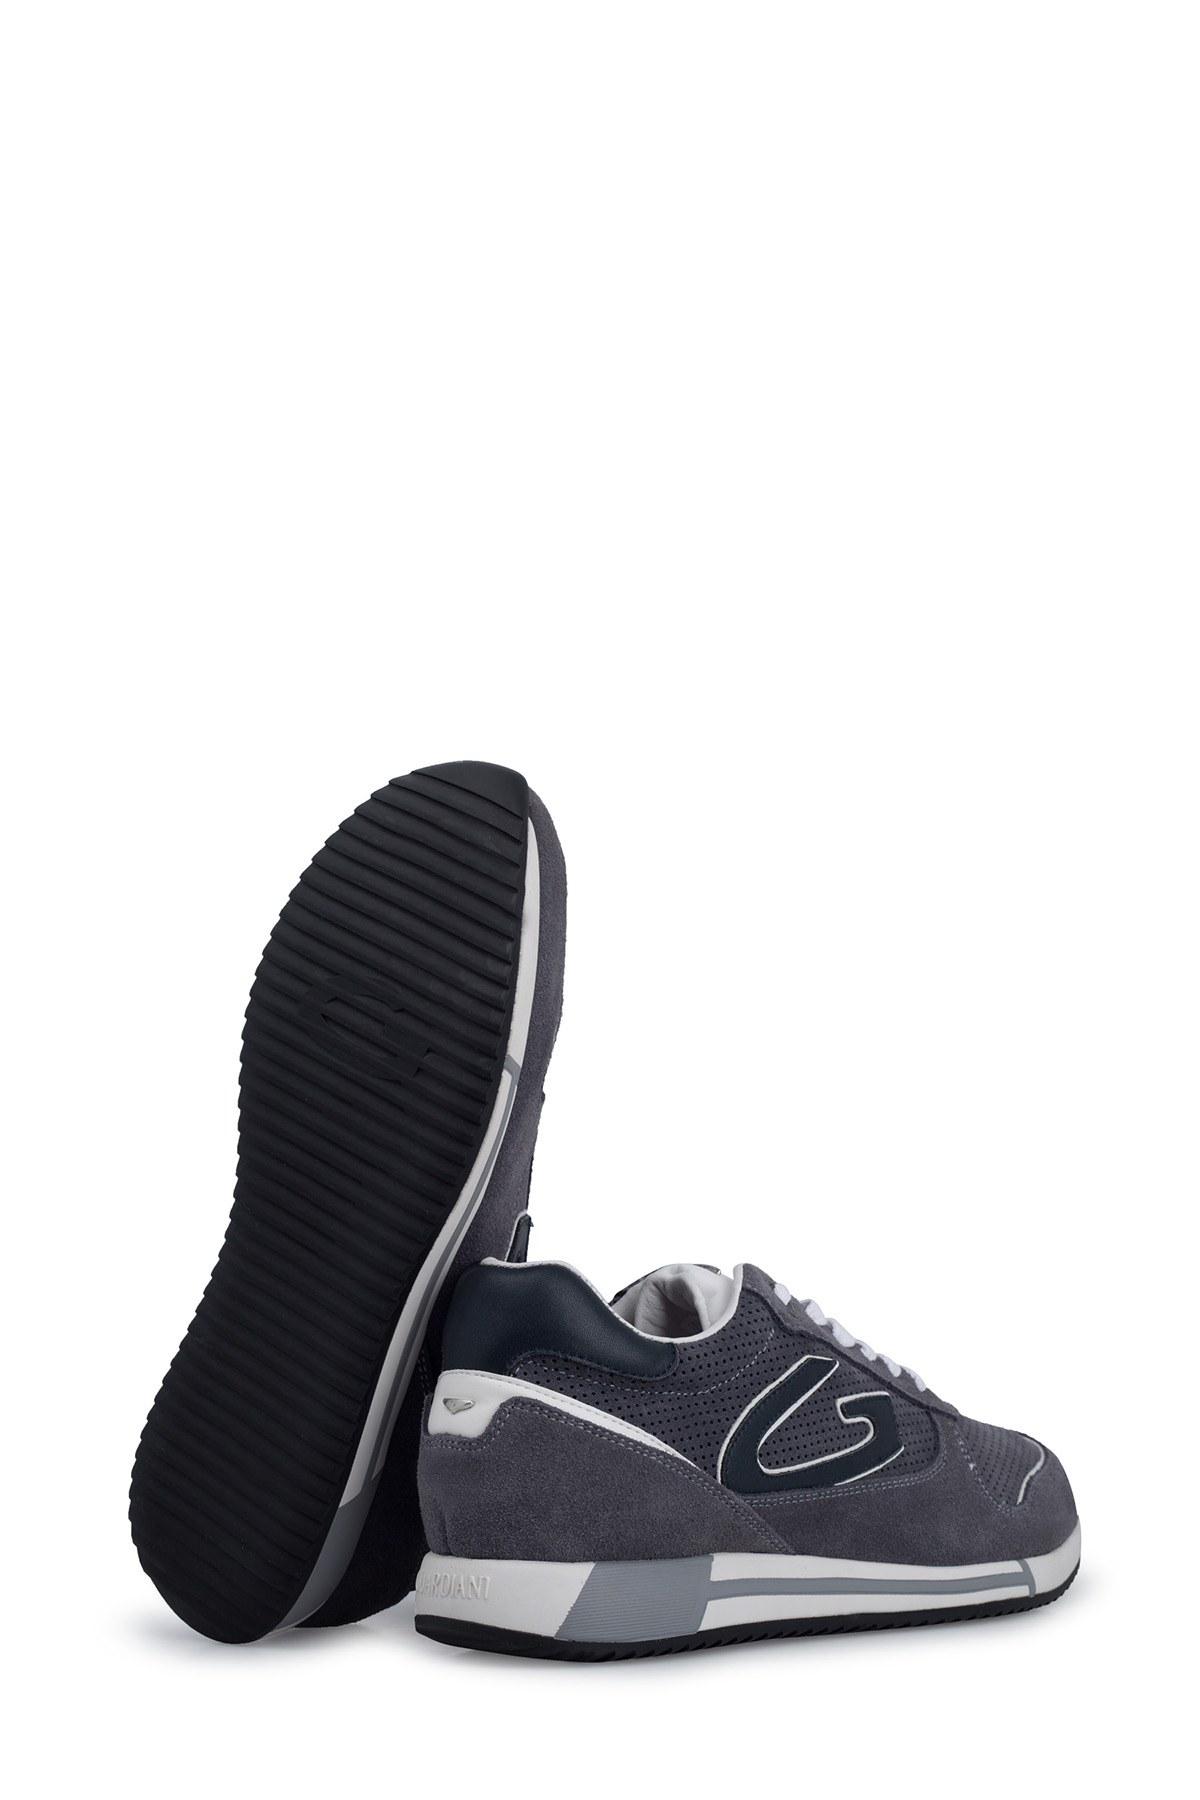 Alberto Guardiani Erkek Ayakkabı S AGU101010 GRİ